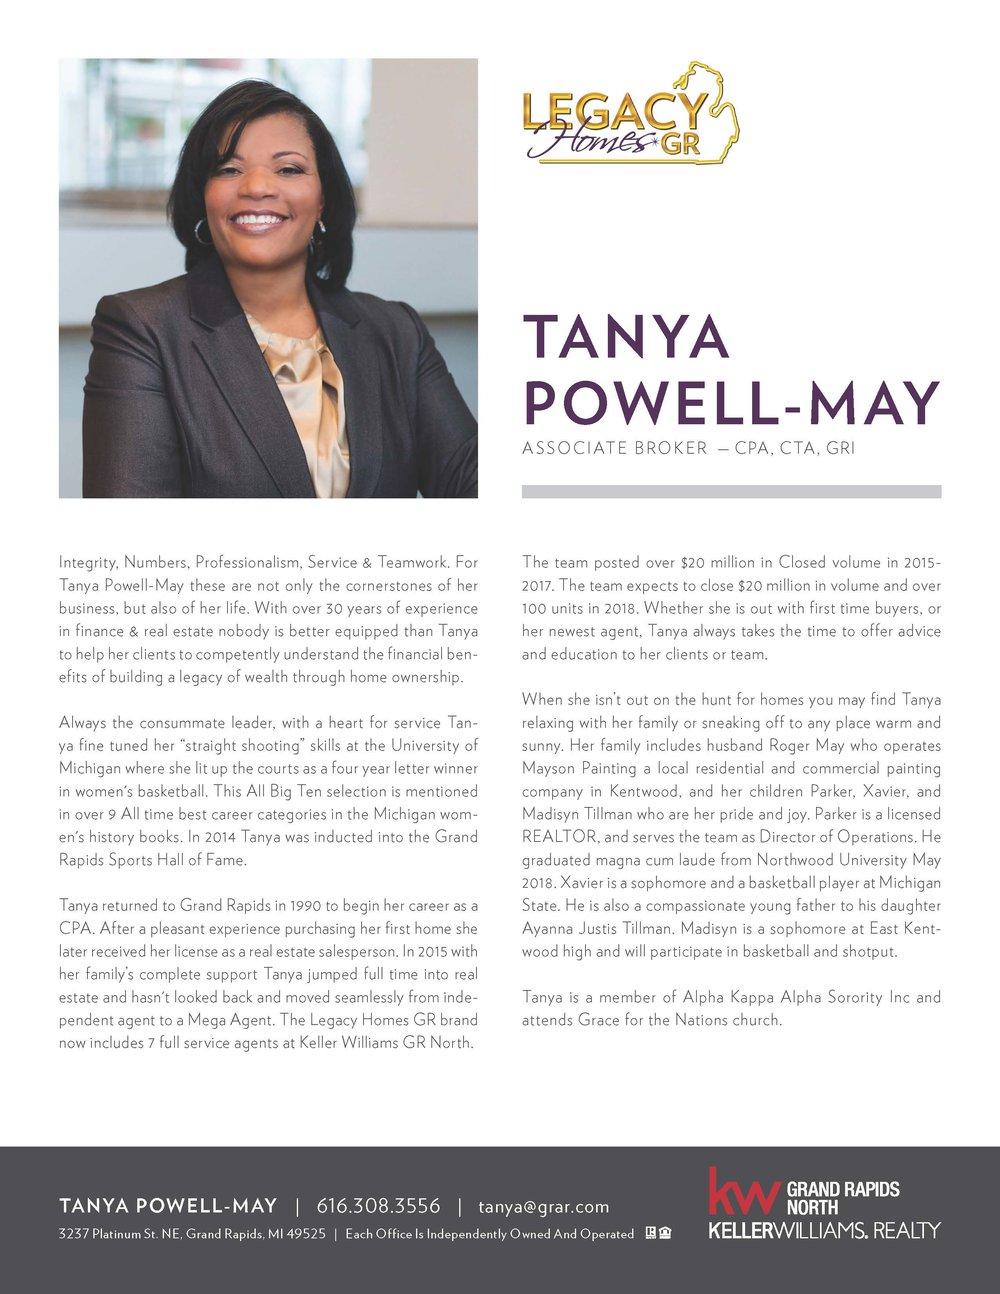 TanyaPowellMay_Bio (1)pic (1).jpg